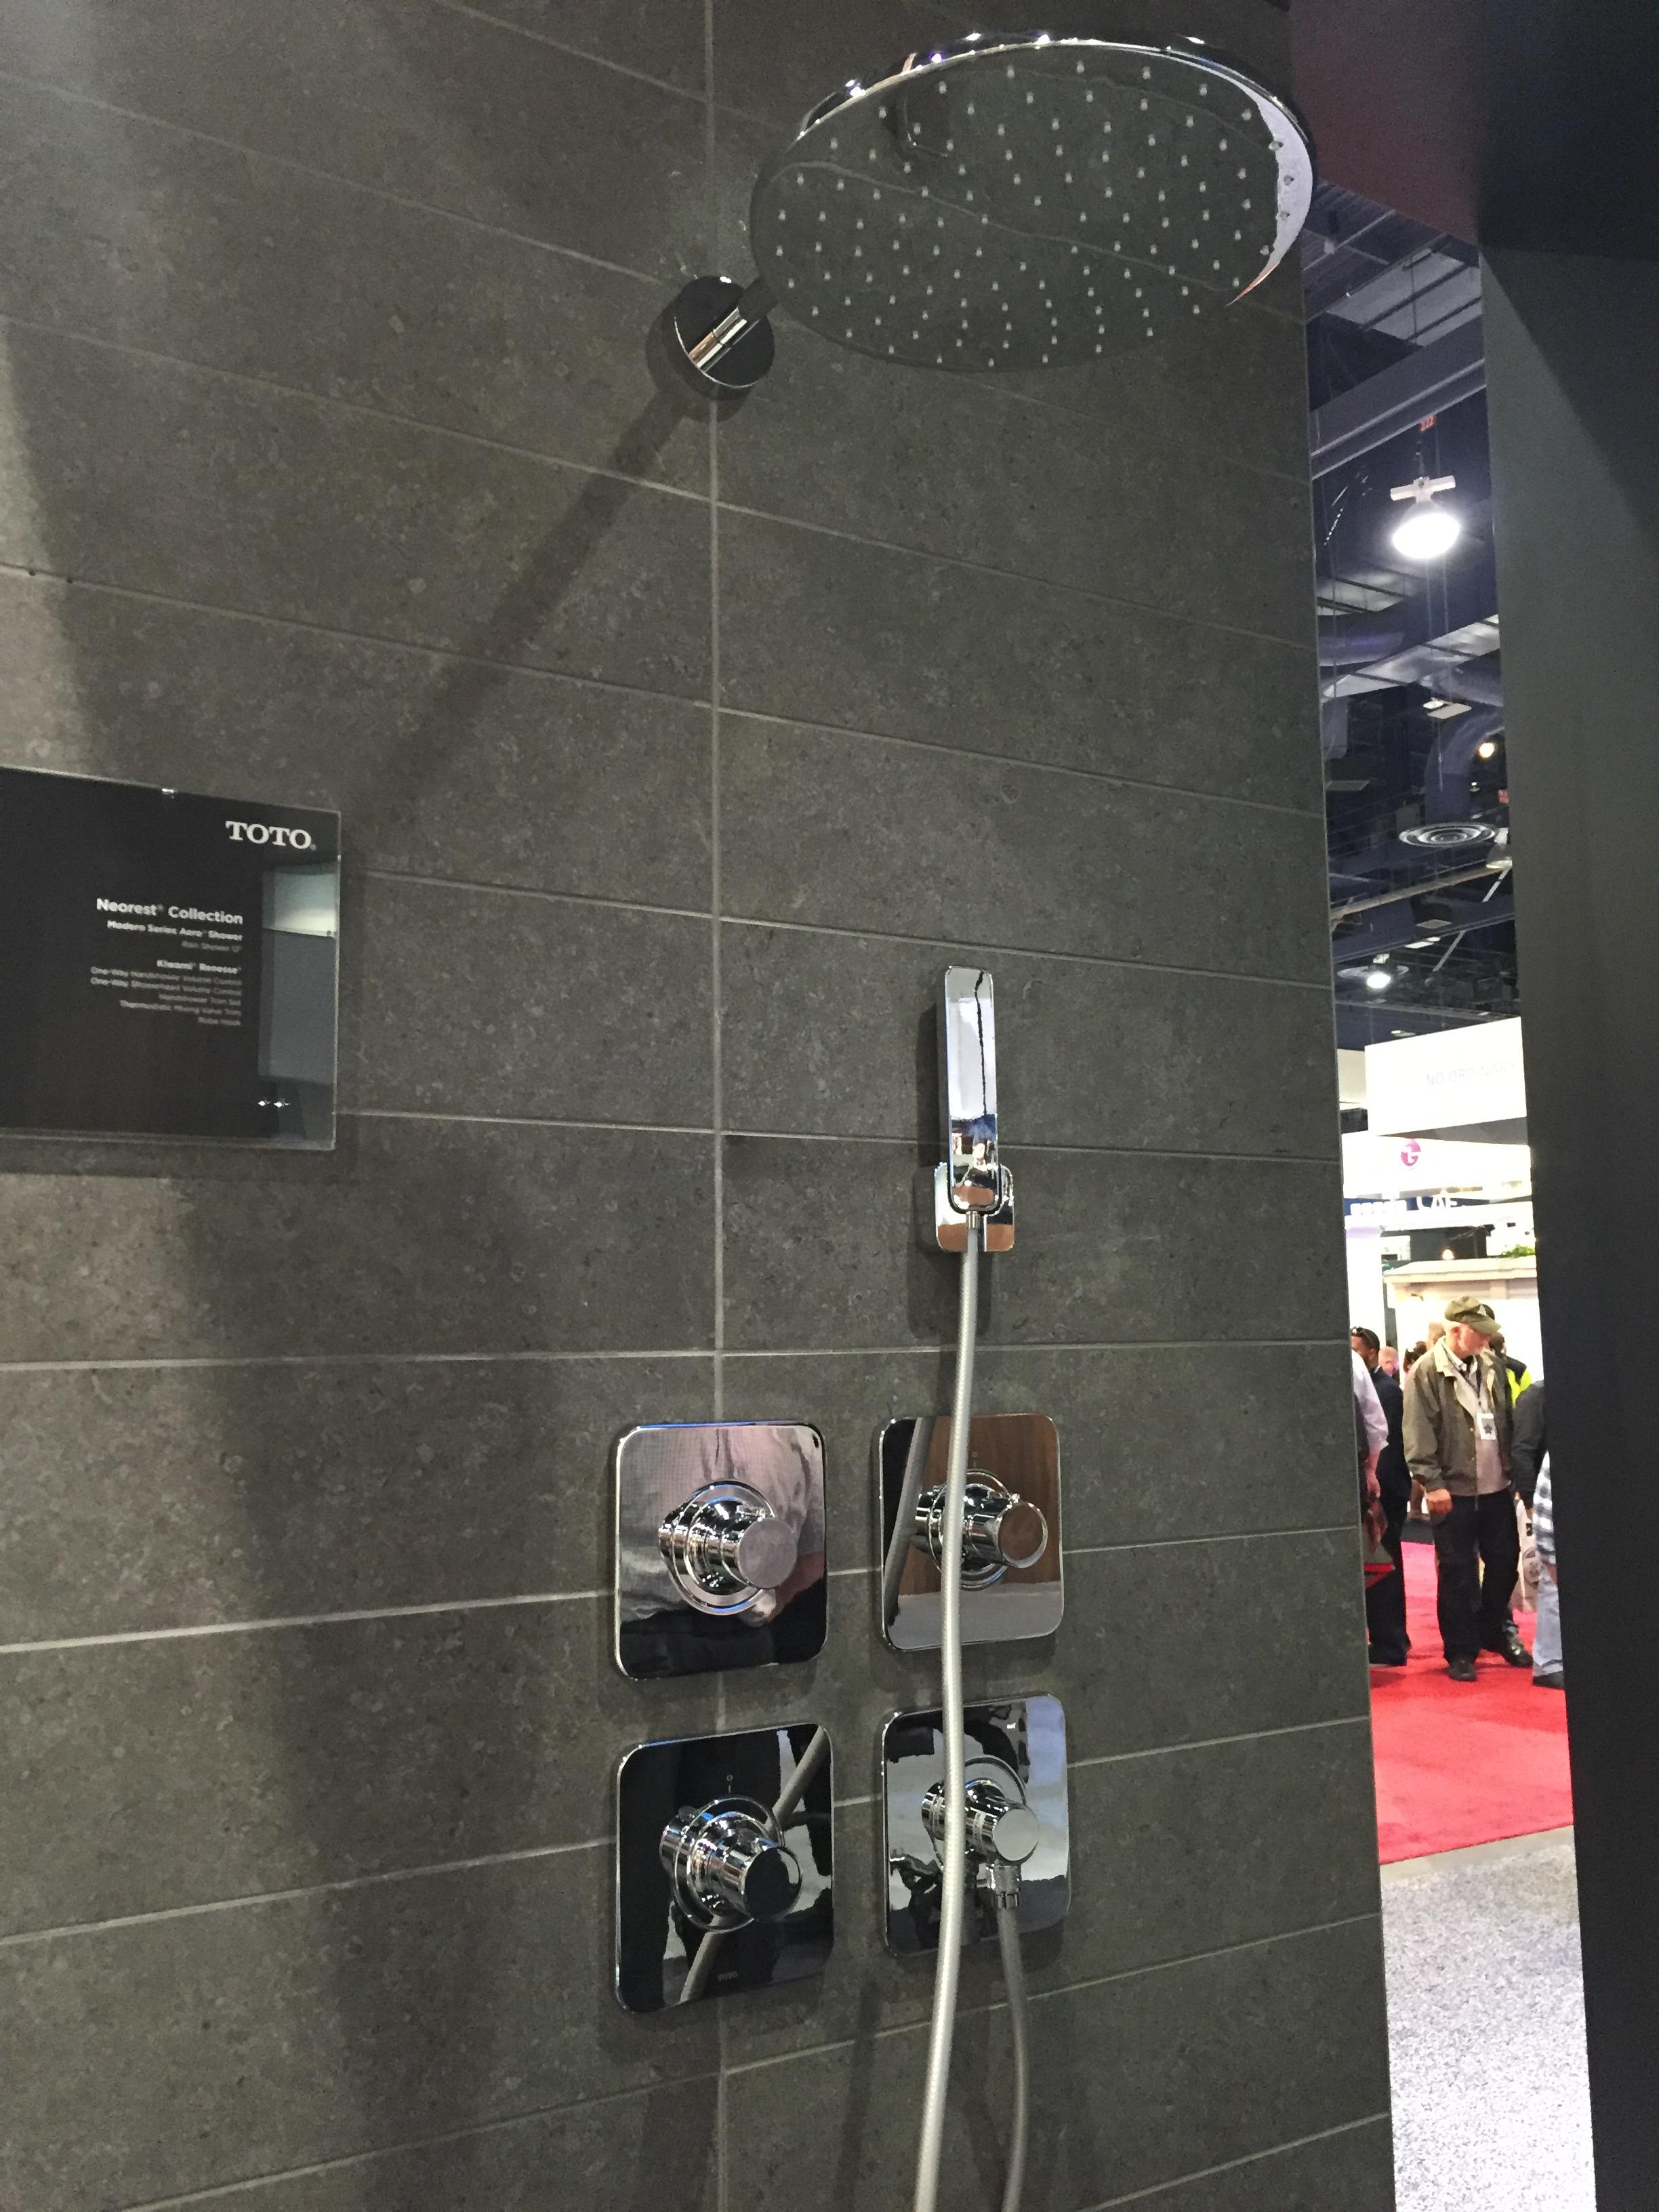 Shower hardware, KBIS 2016